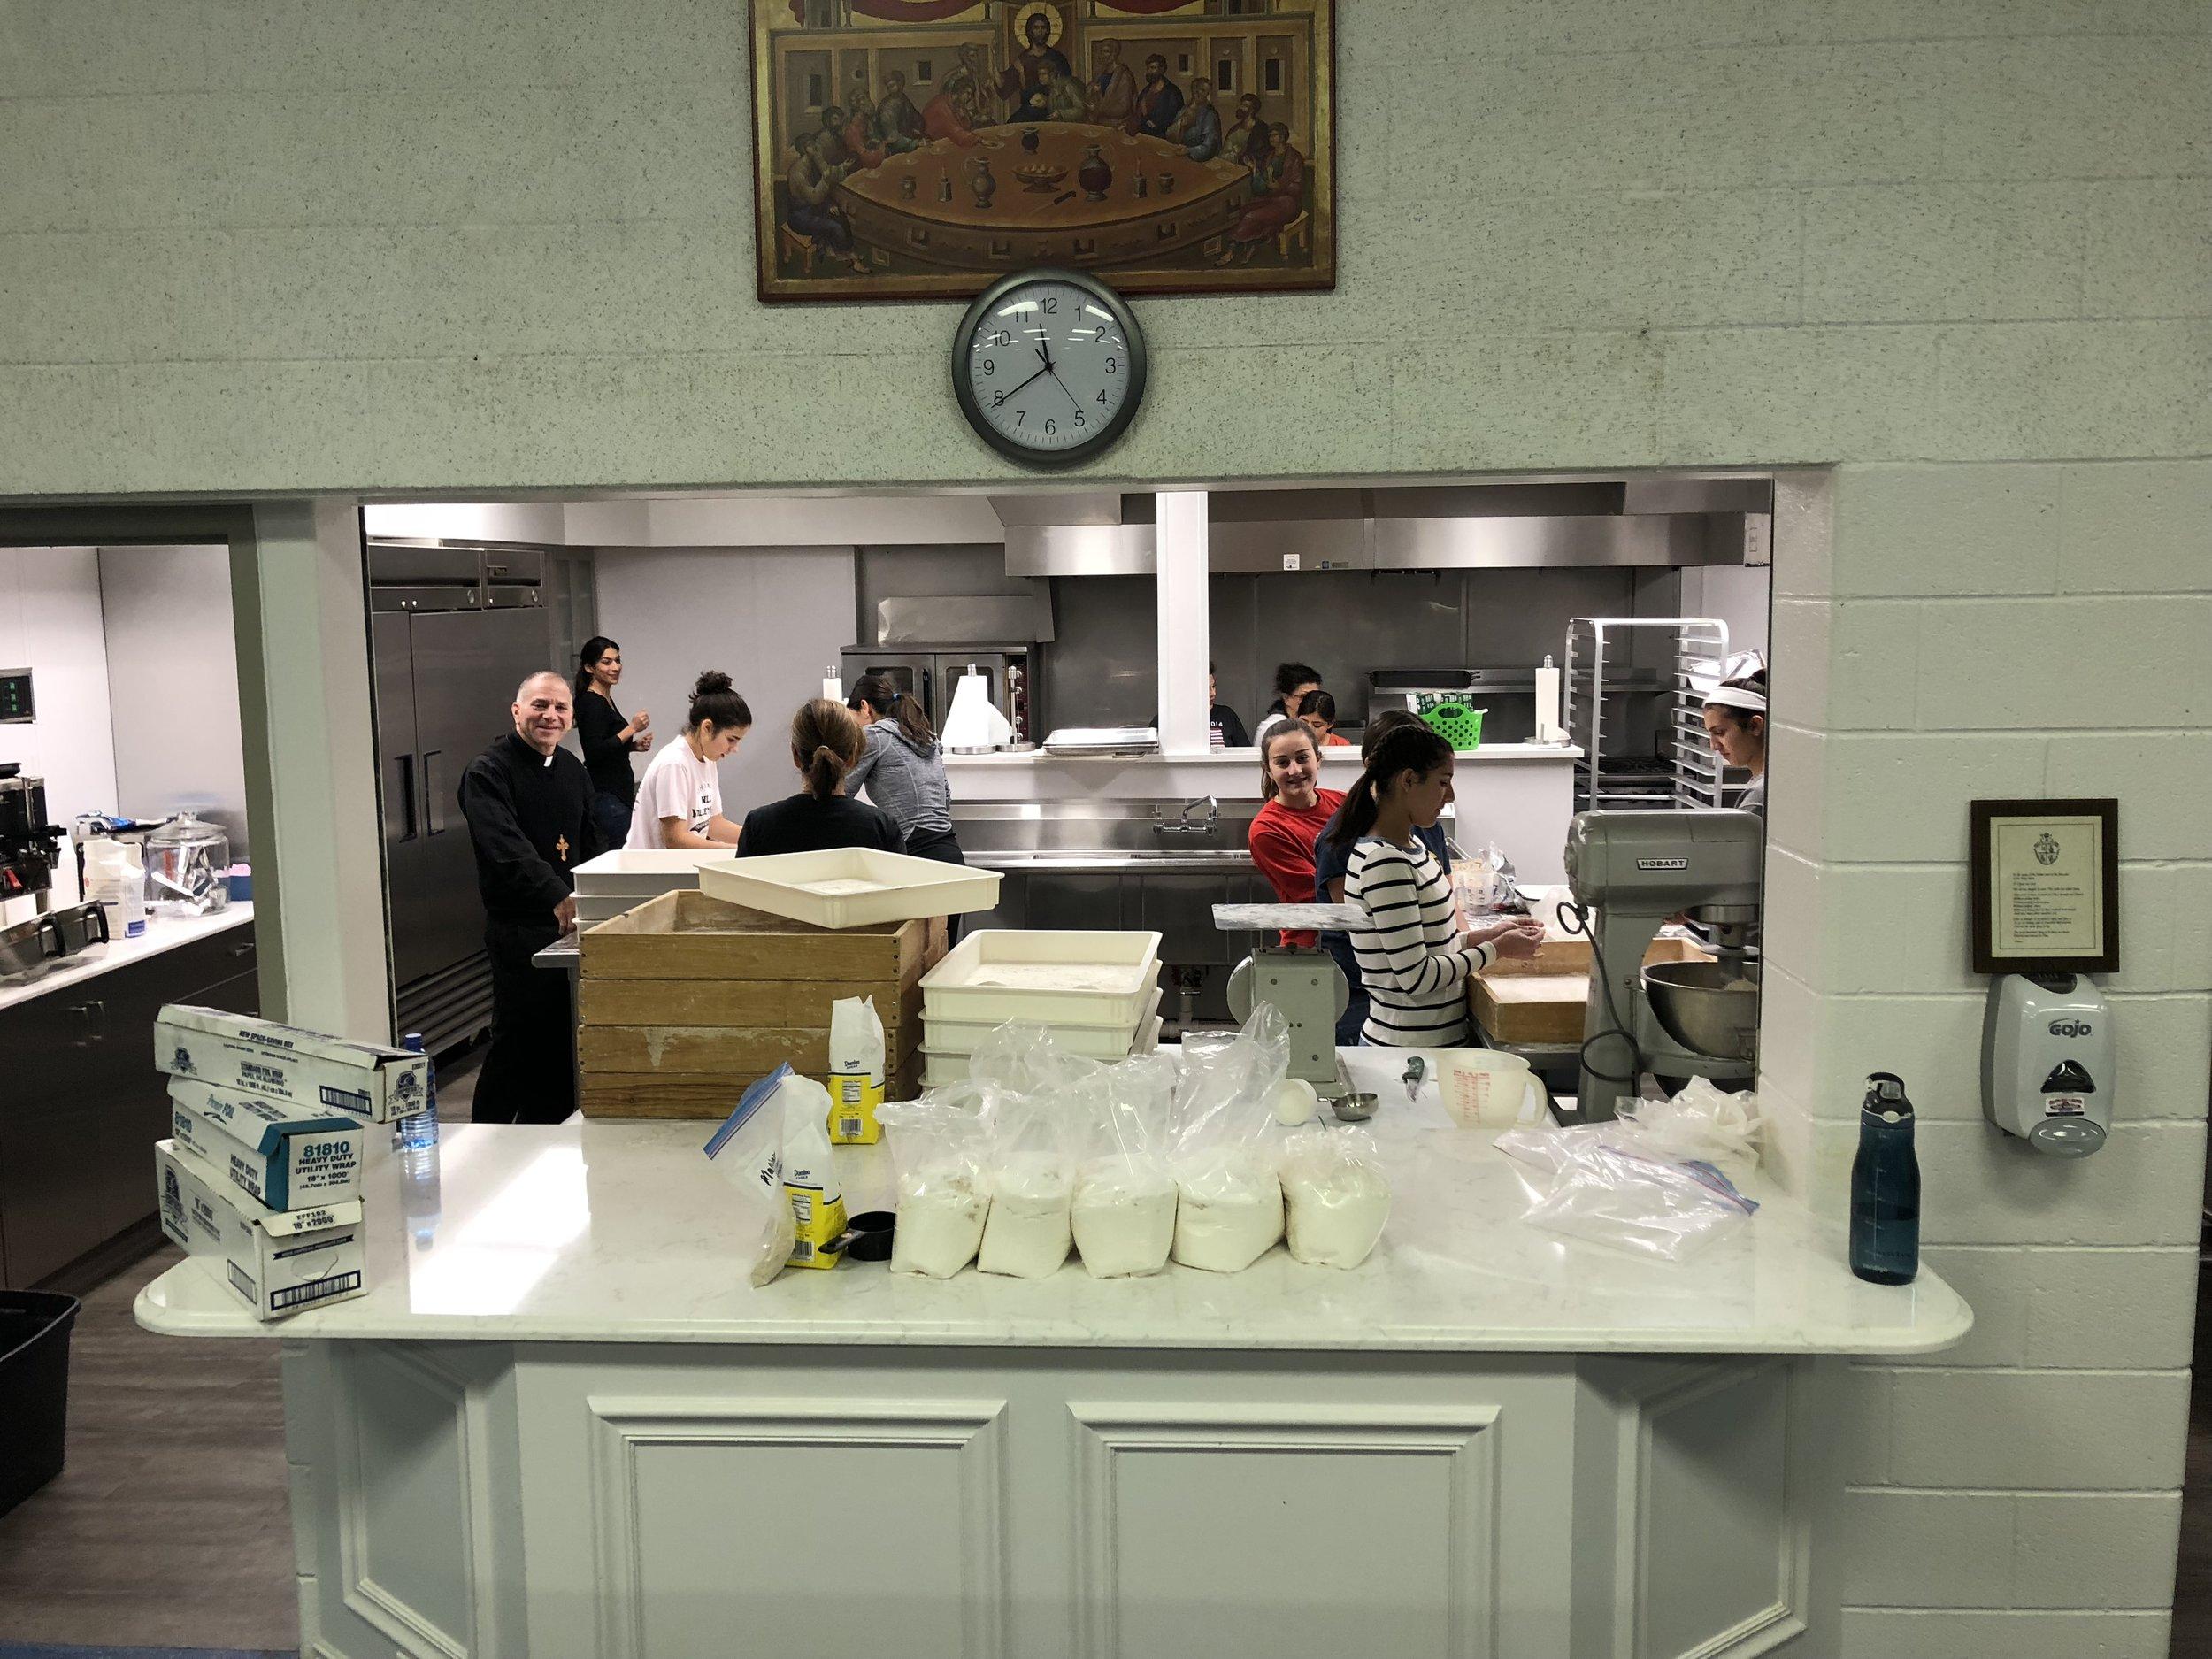 baking ministry 5.jpg